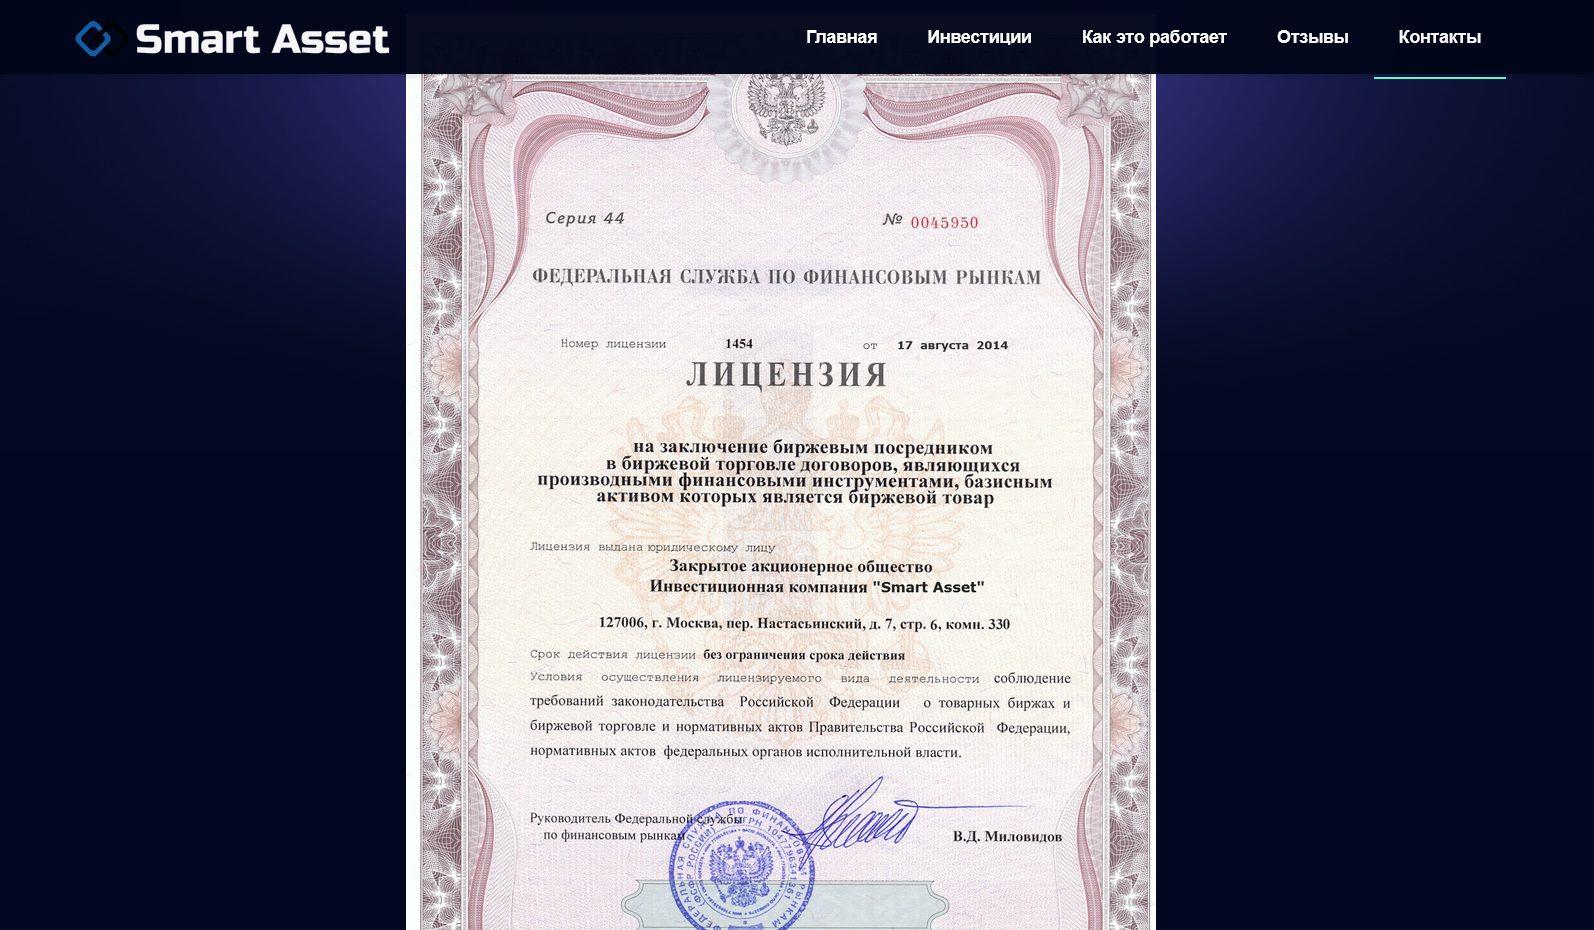 Лицензия компании Smart Asset